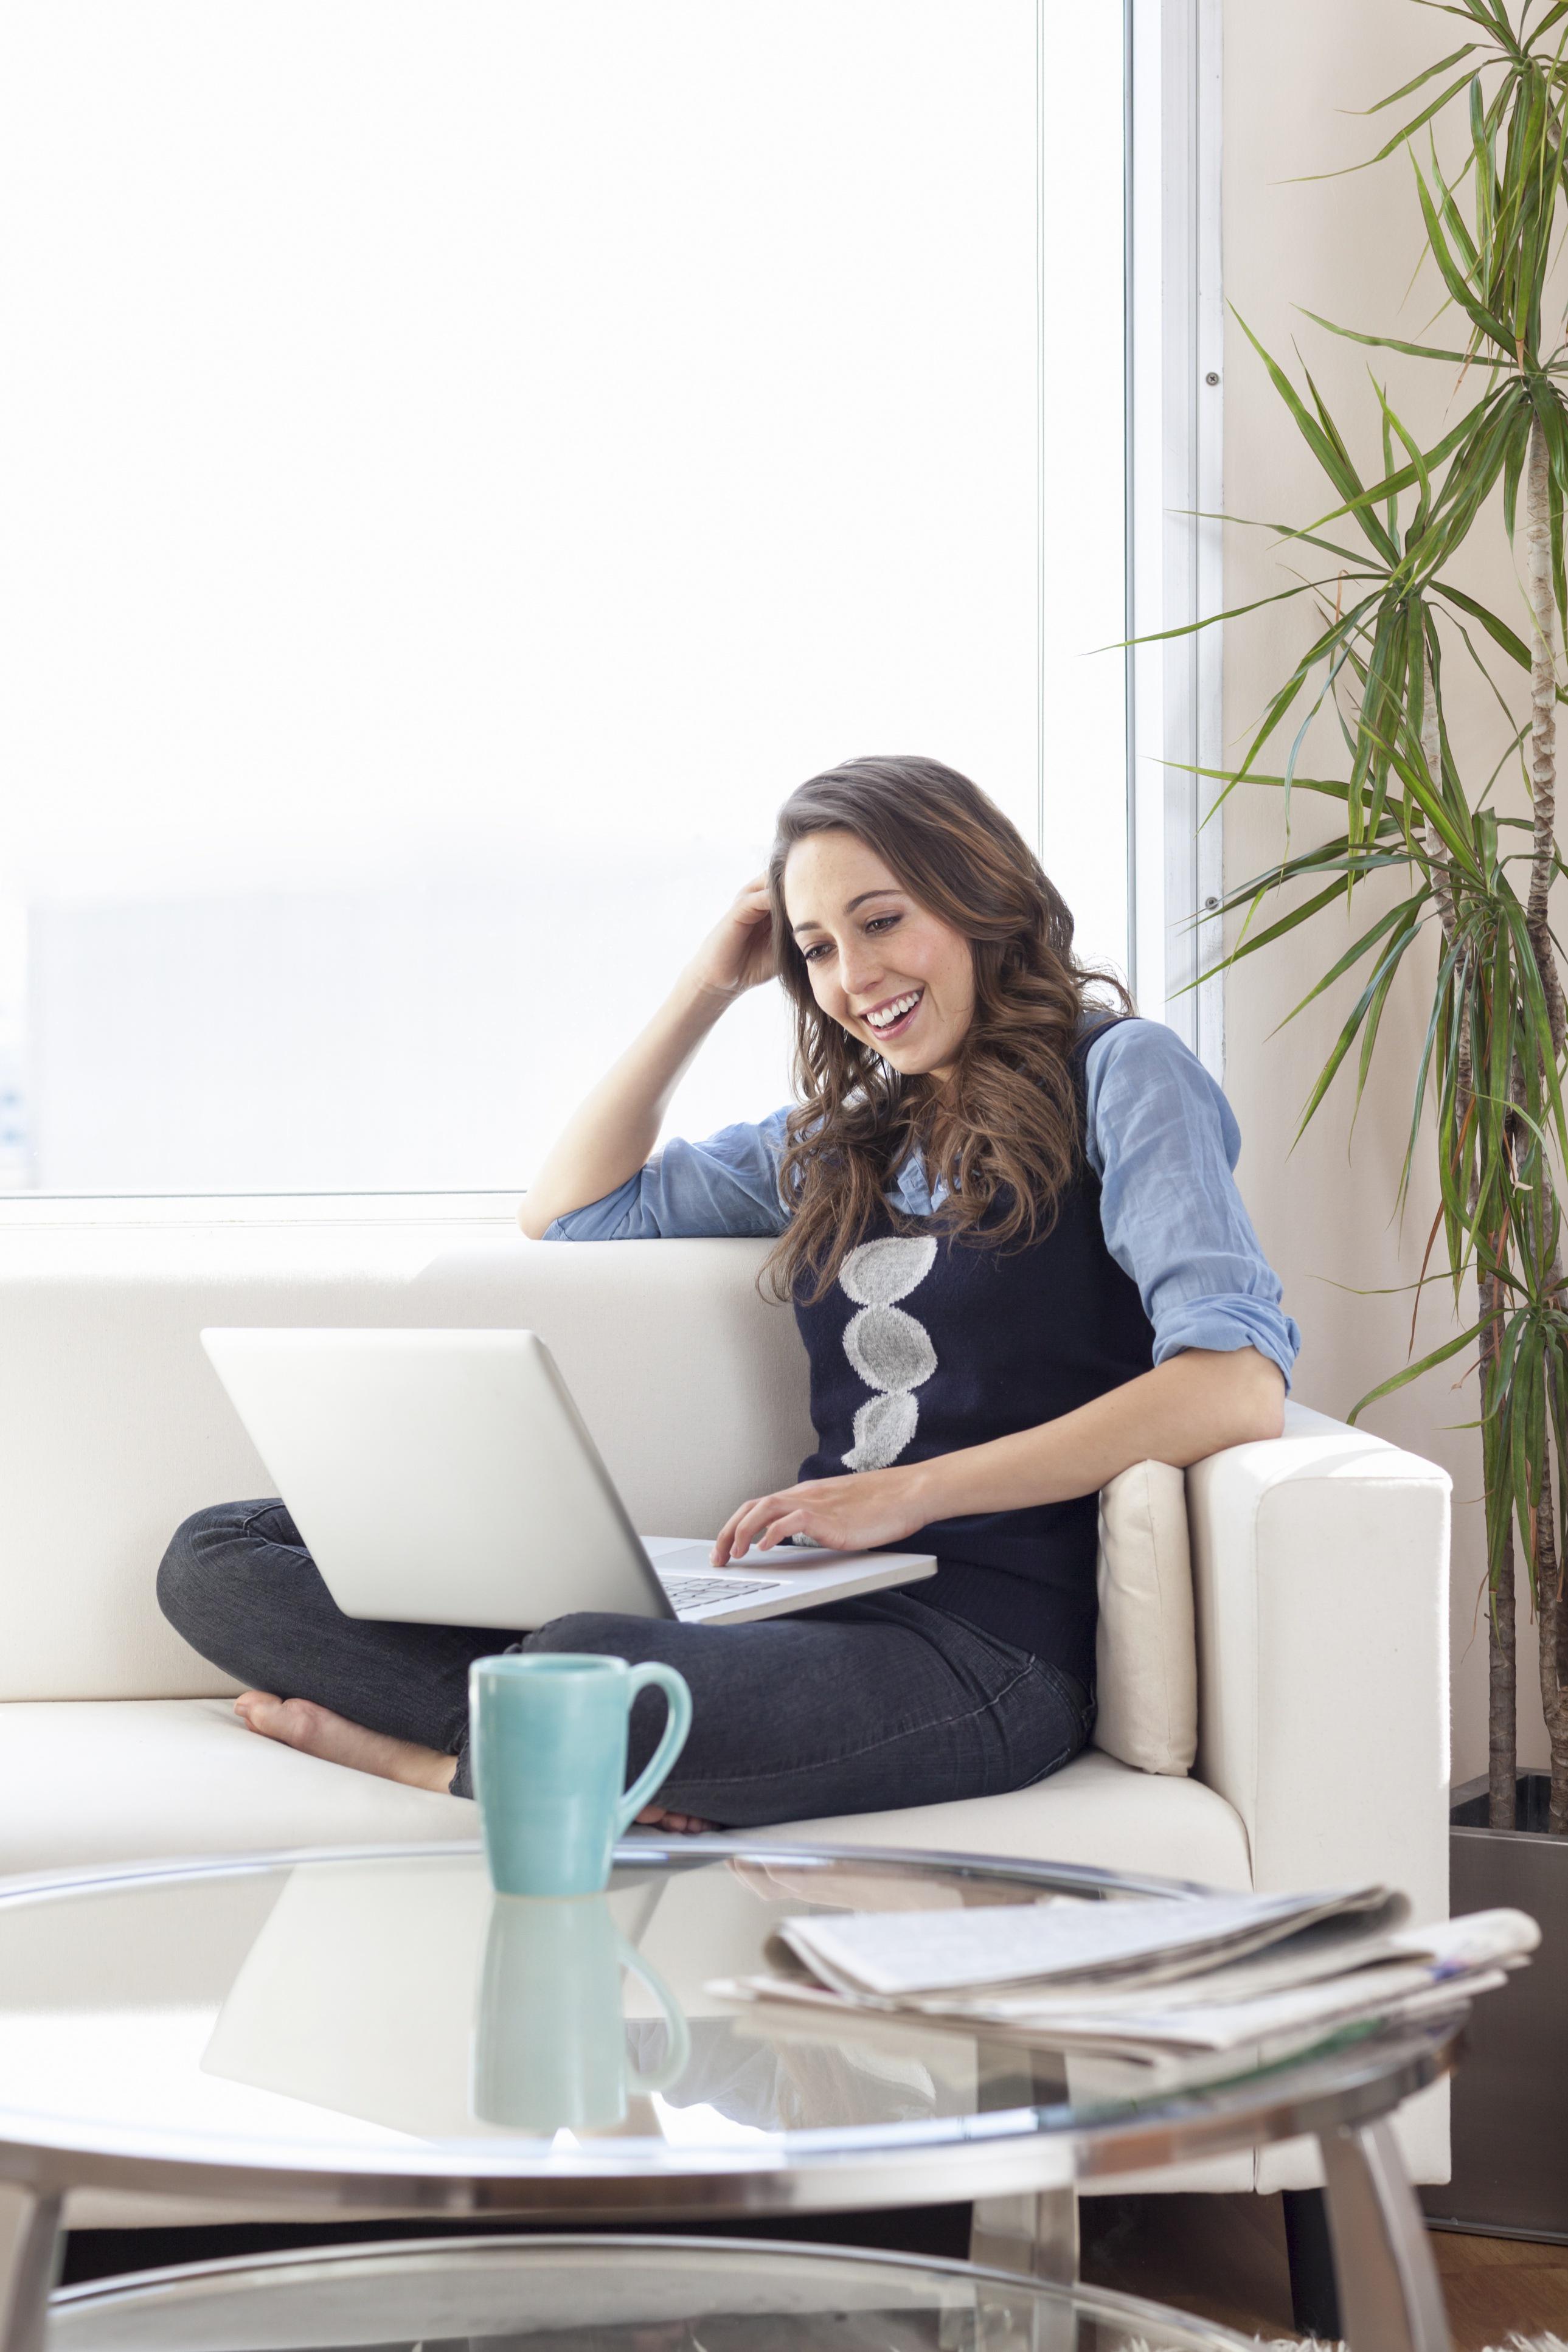 speed dating regler Datingdk er danmarks største datingside med flest aktive singler tæt på dig kom ind og vær med opret en gratis profil med det samme.